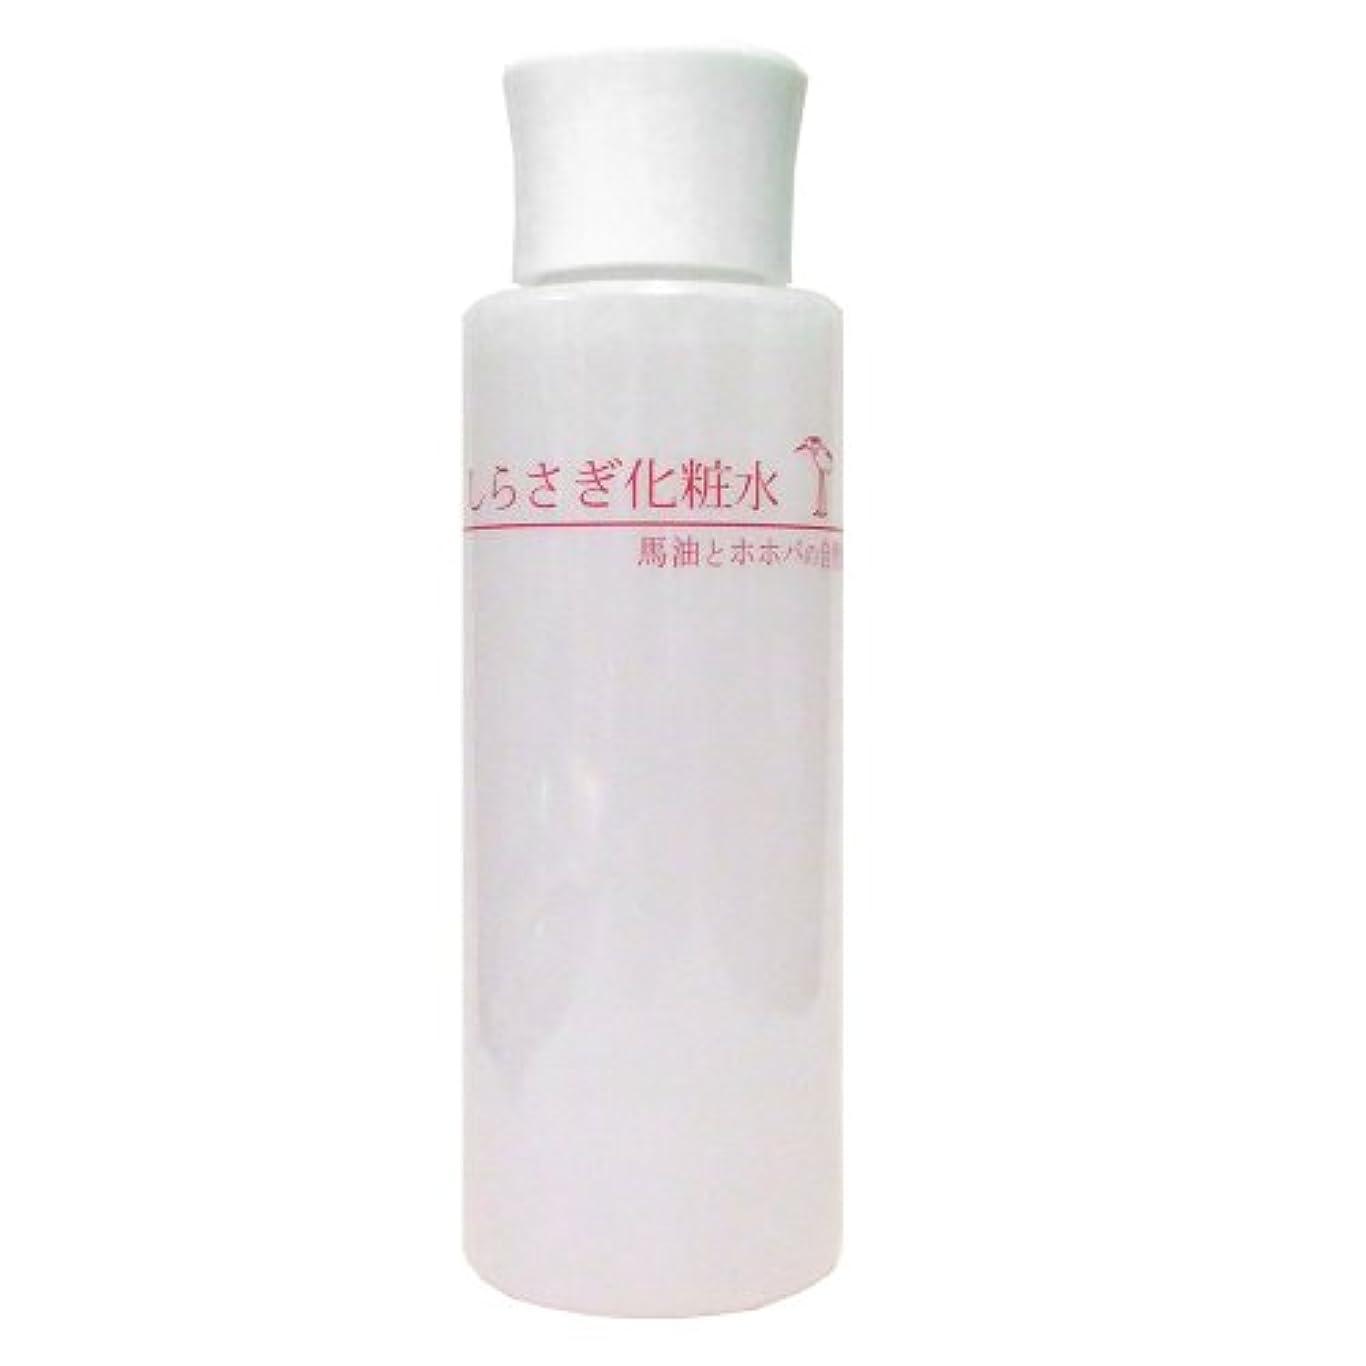 かわすに慣れ温度計しらさぎ化粧水